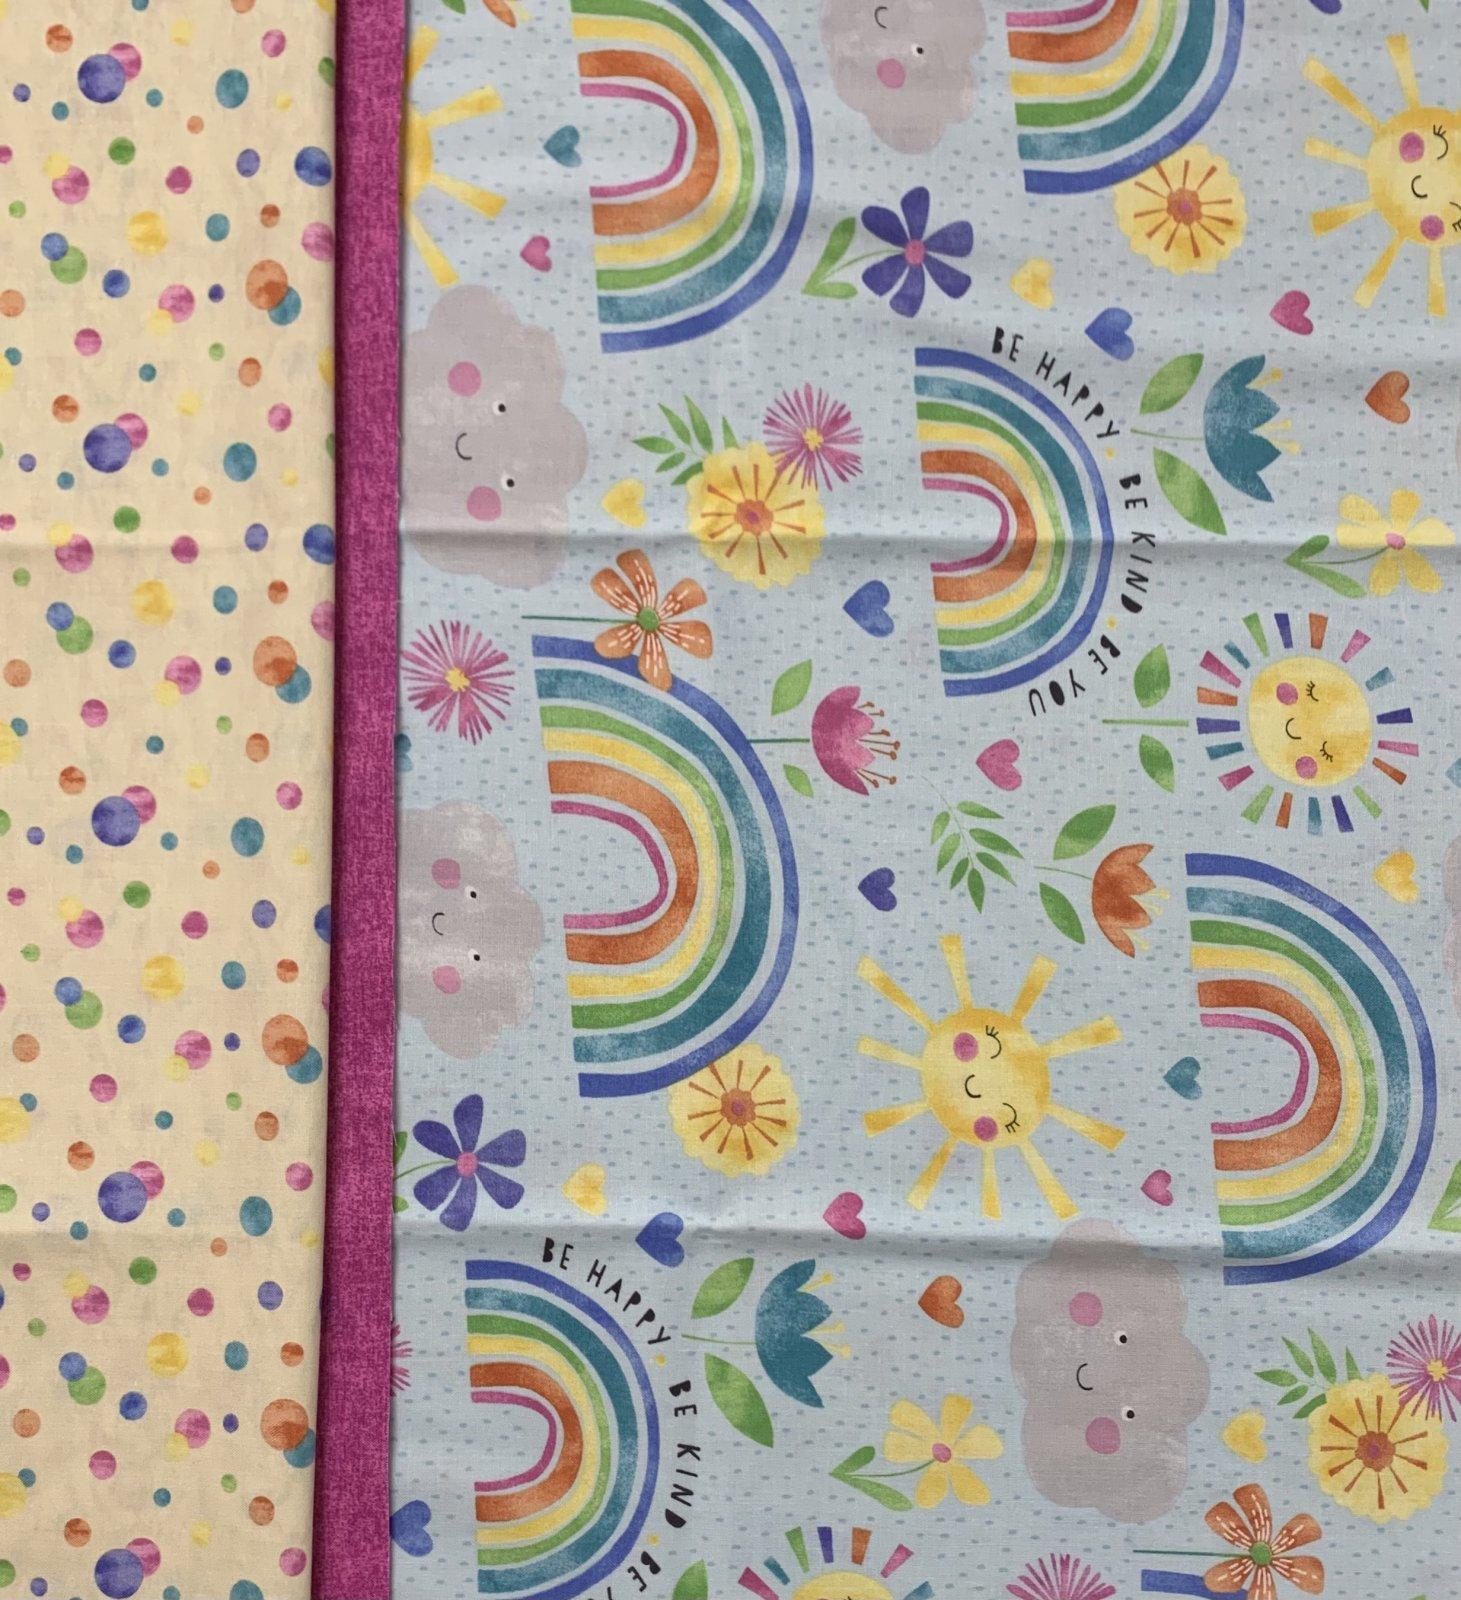 Rainbows & Sunshine Pillowcase Kit